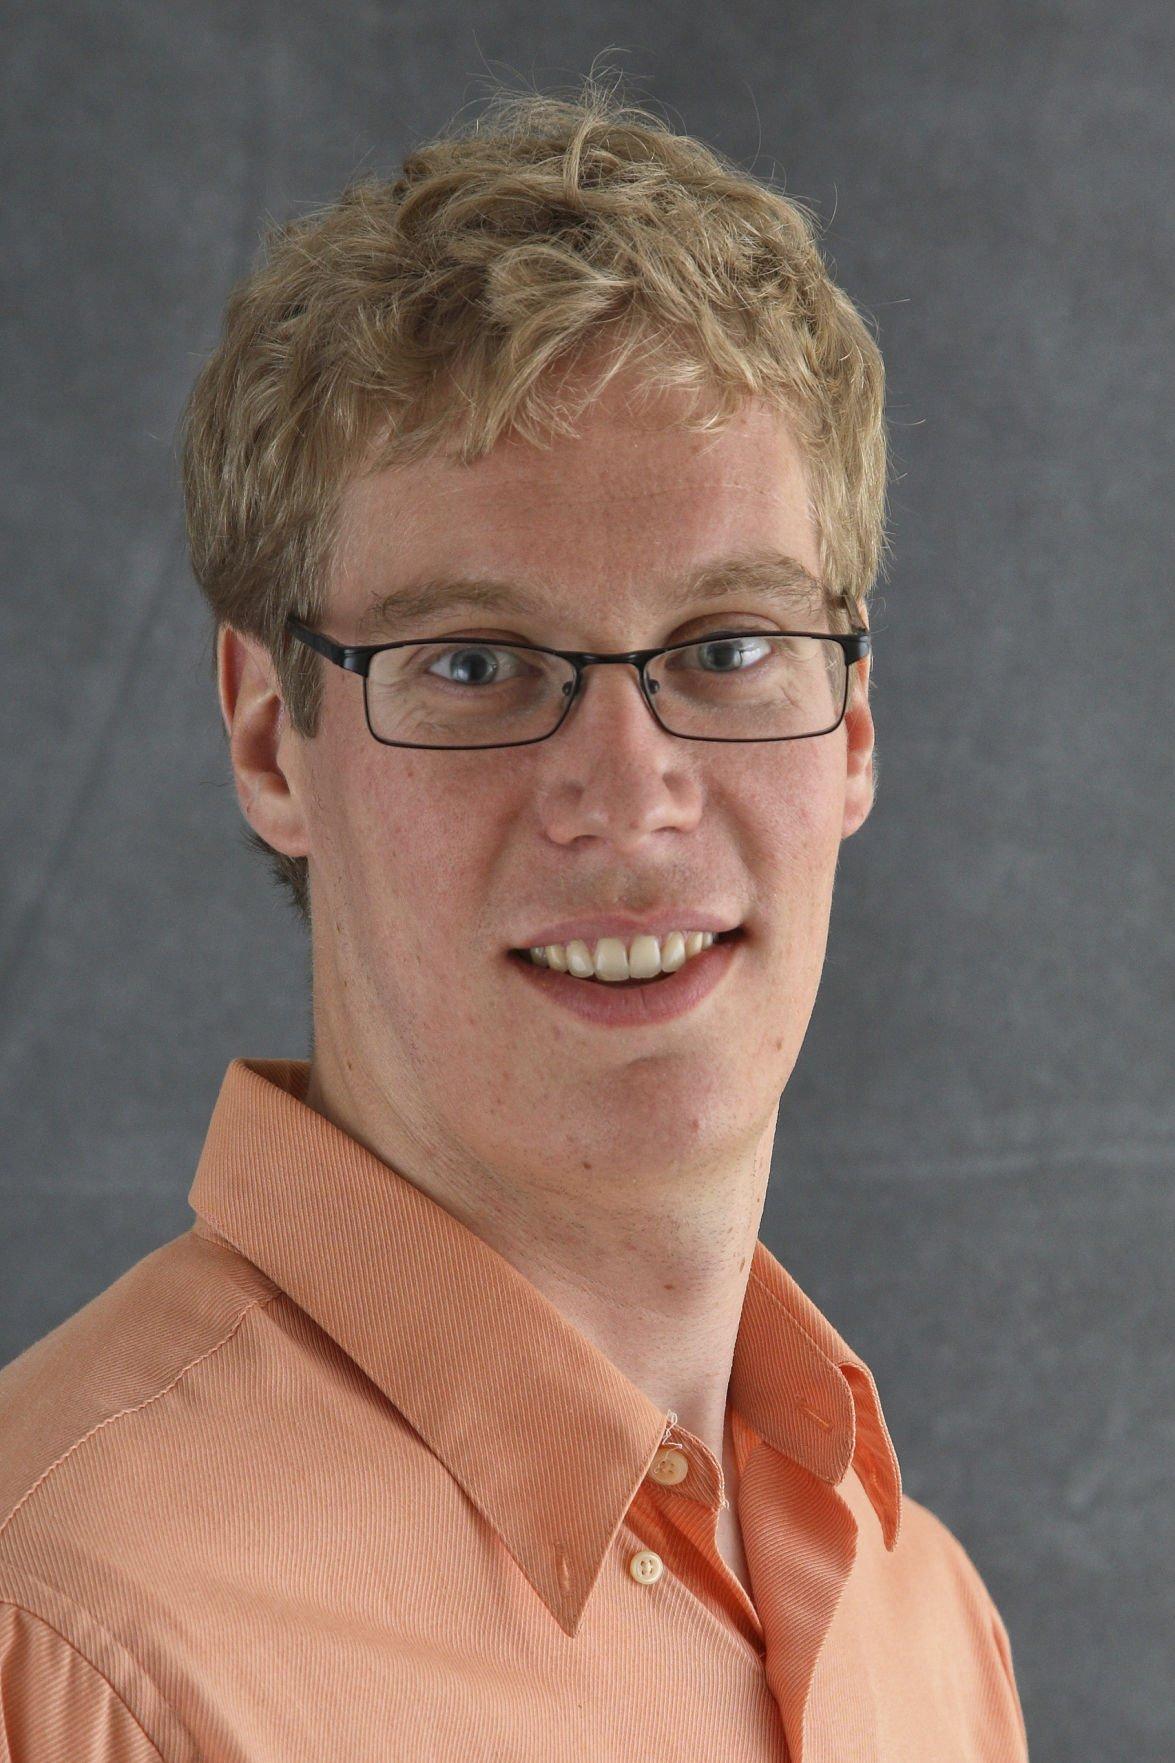 Dr. Erik Shessler